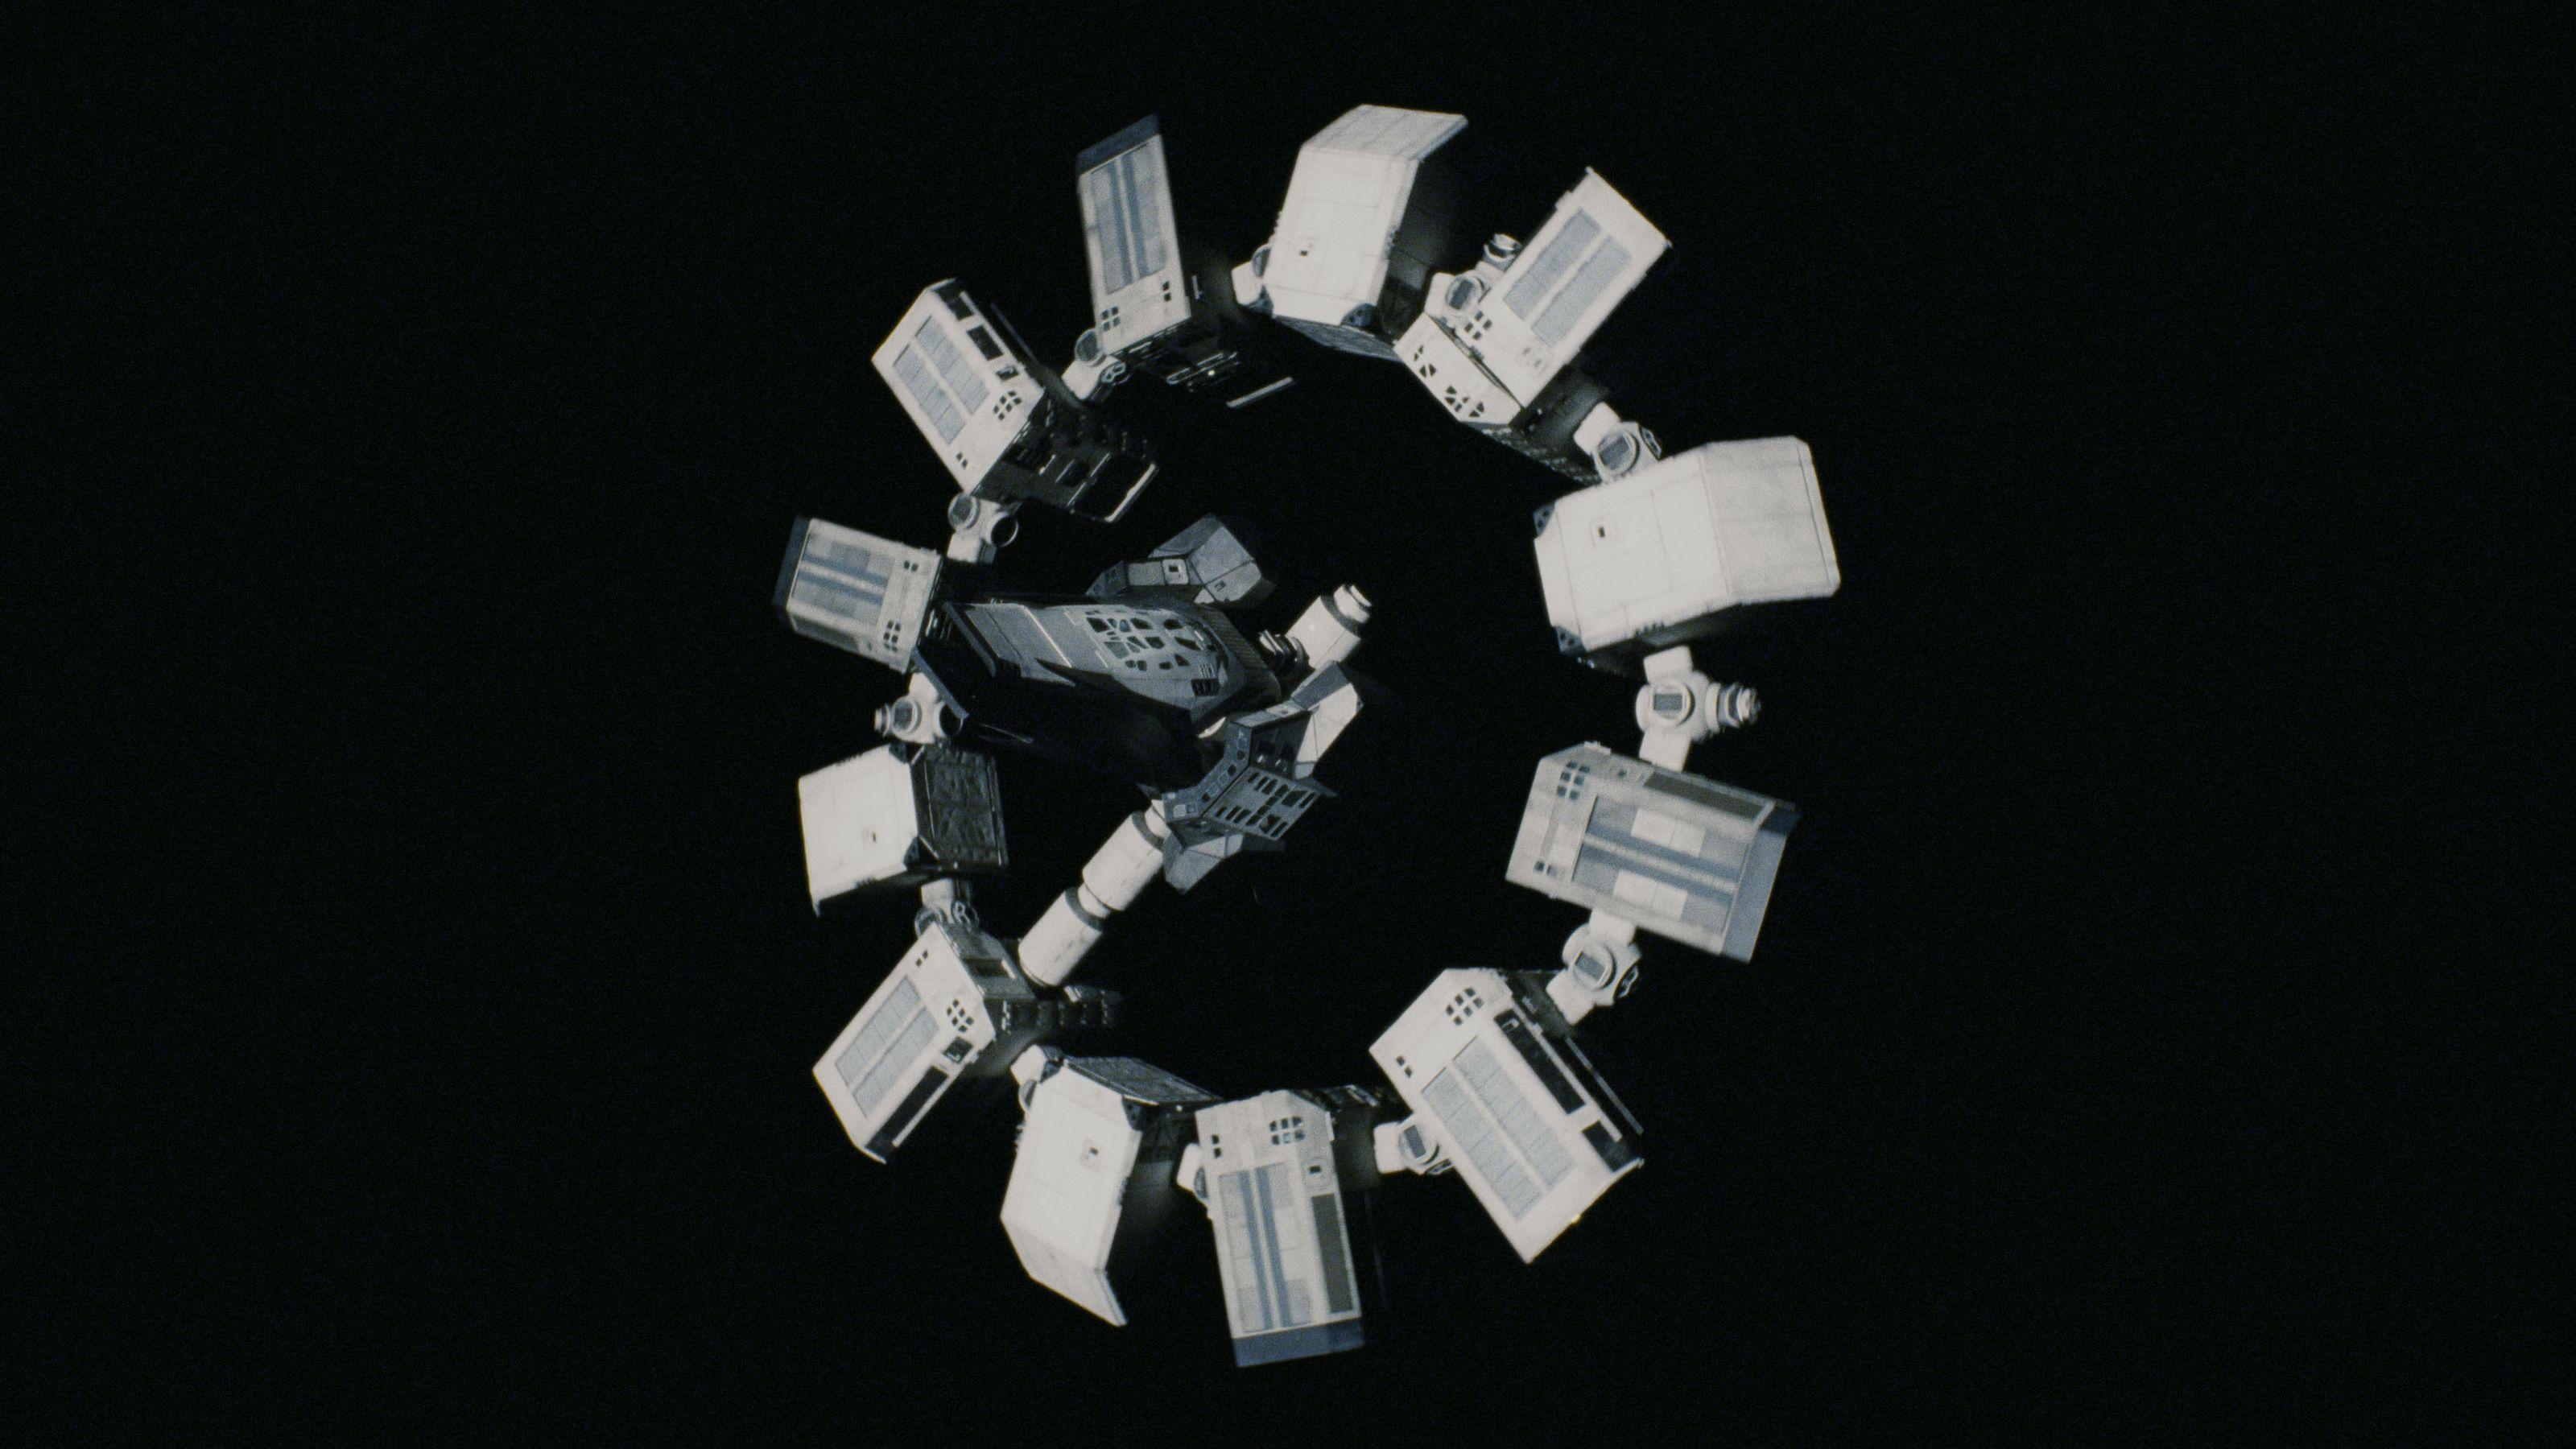 Endurance, a nave espacial de Interstellar, abre as portas aos cibernautas